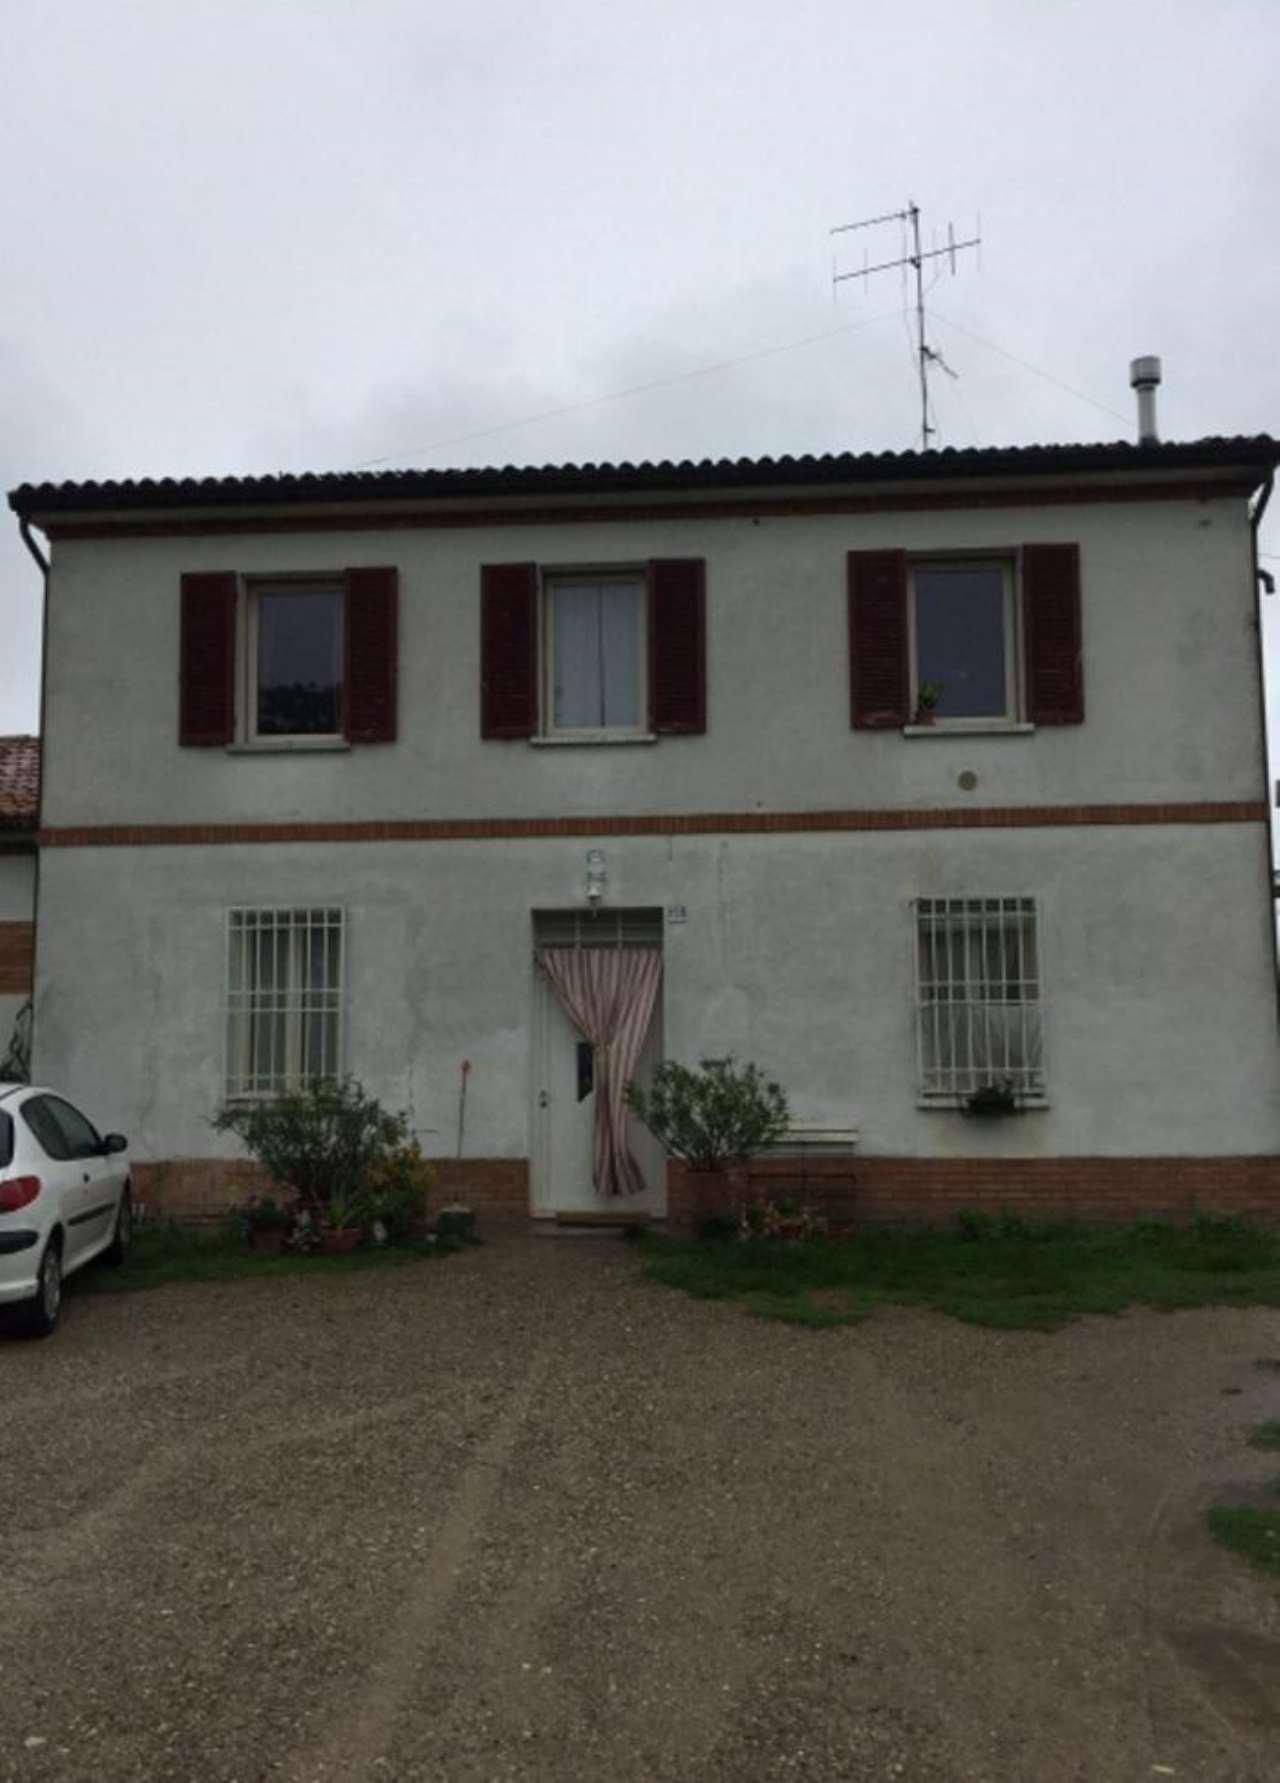 Foto 1 di Casa indipendente Via Gasparetta 156, Faenza